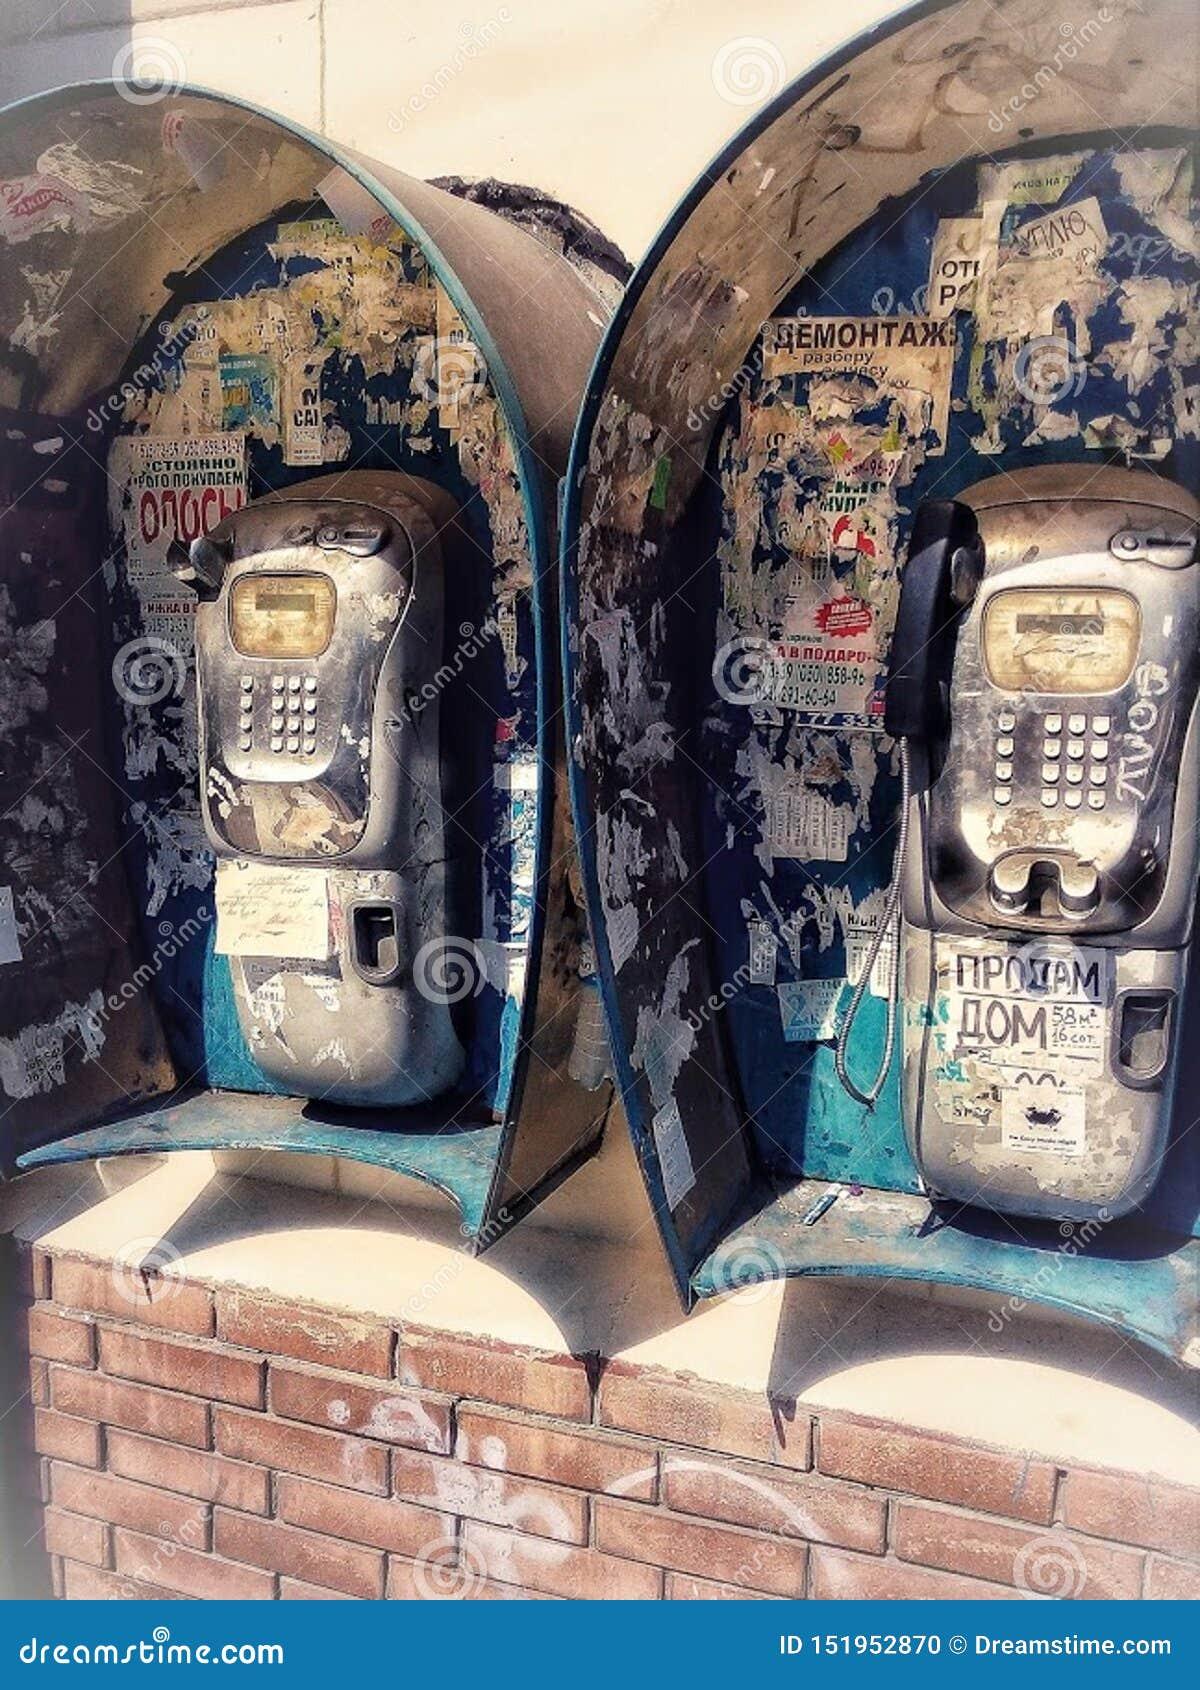 Teléfonos de pago del siglo XX en una calle de la ciudad, anuncios viejos en una pared, teléfonos con los receptores